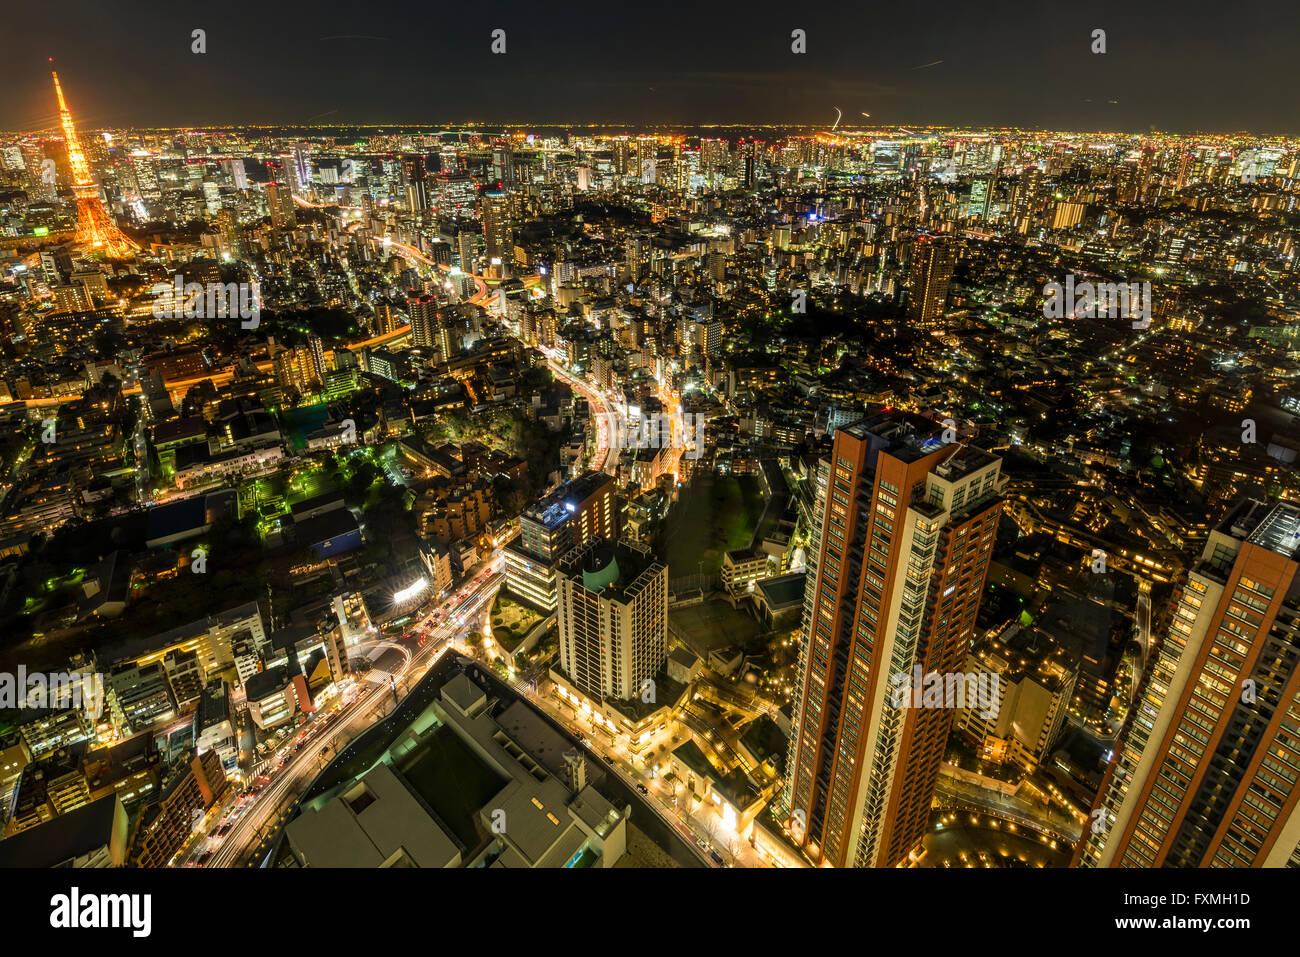 La tour de Tokyo et les immeubles de grande hauteur dans la nuit à Tokyo, Japon Photo Stock